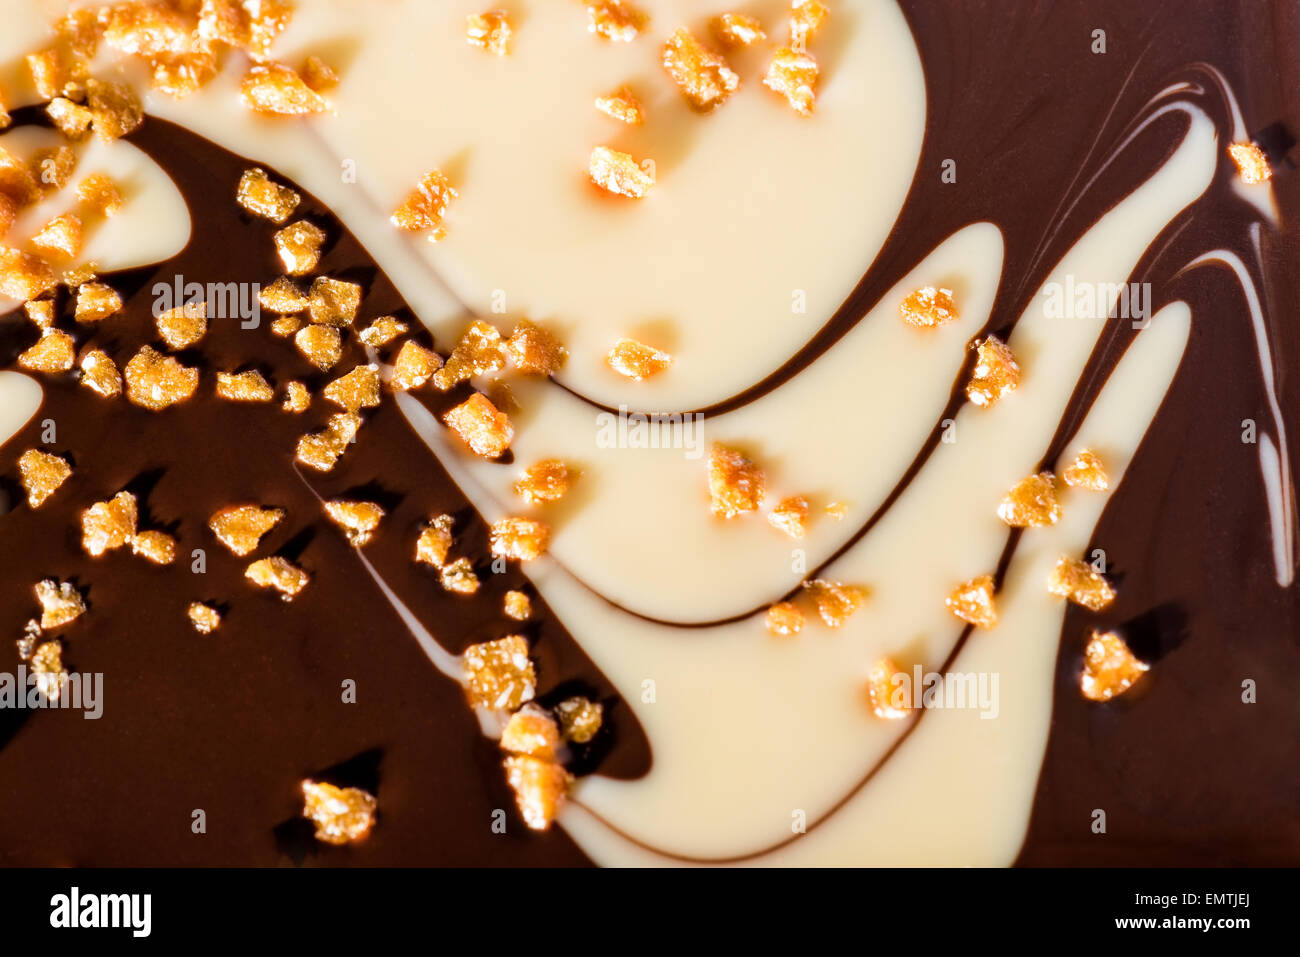 Esclusiva di due-tono felice di cioccolato con caramello e cioccolato bianco cioccolato fondente studio luce gusti Immagini Stock